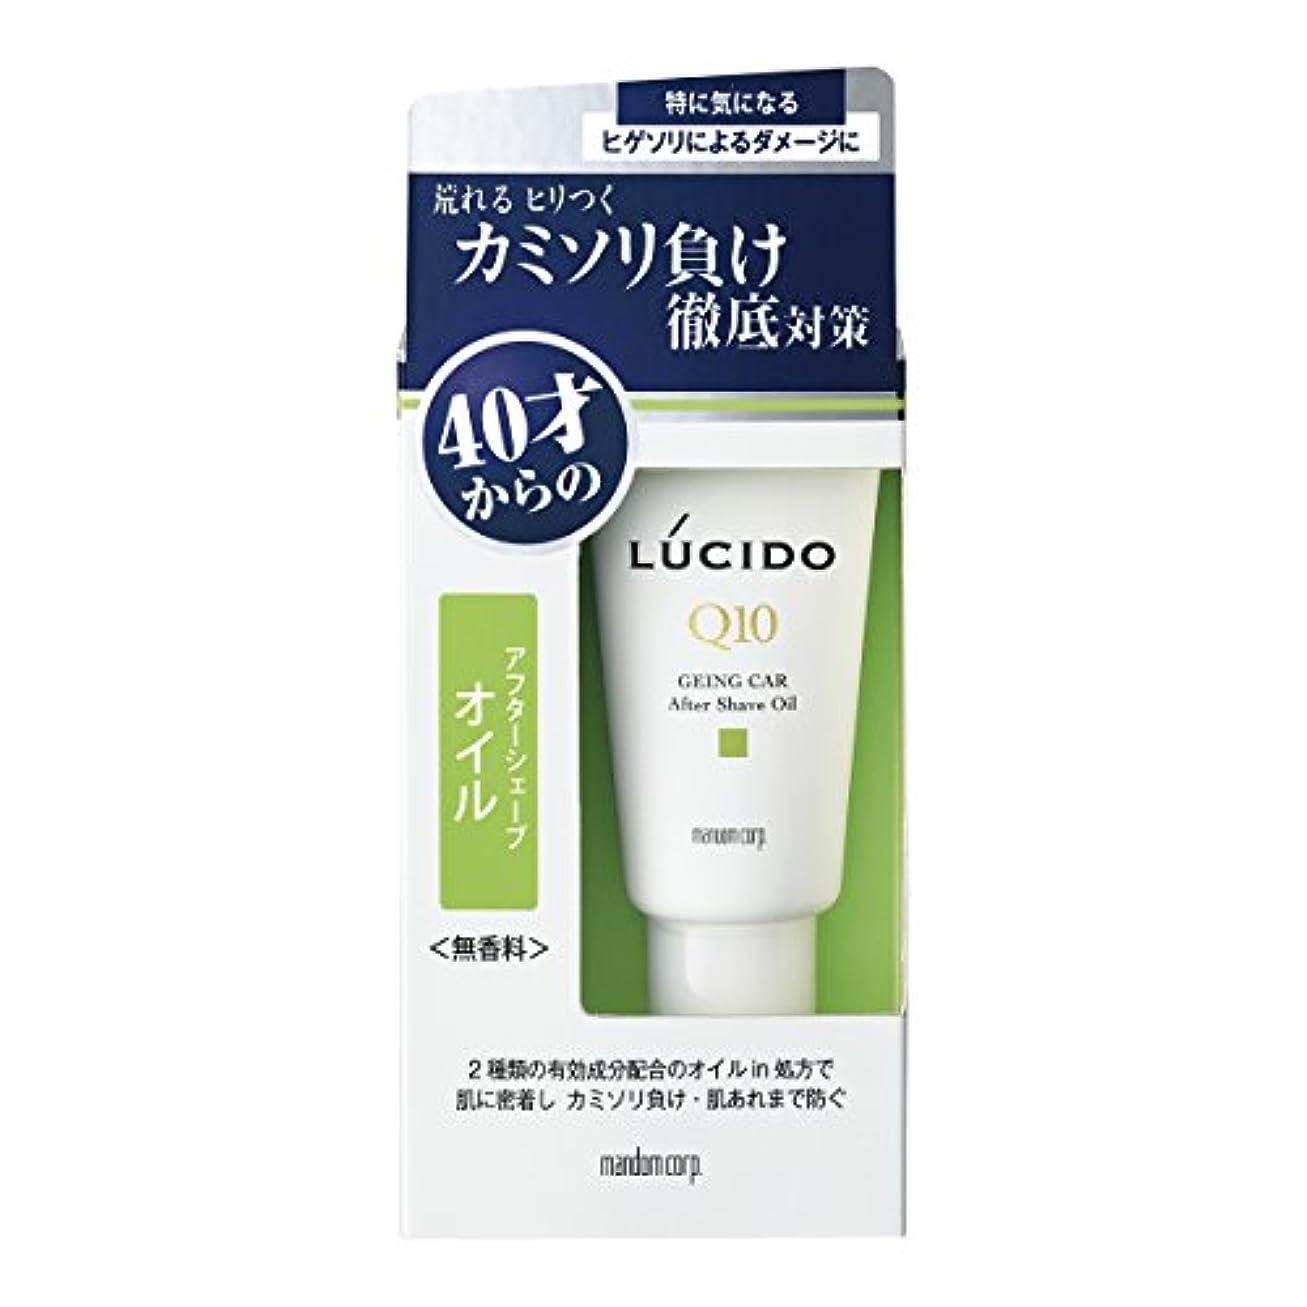 作るバルーンフラップルシード 薬用 アフターシェーブオイル (医薬部外品)30g